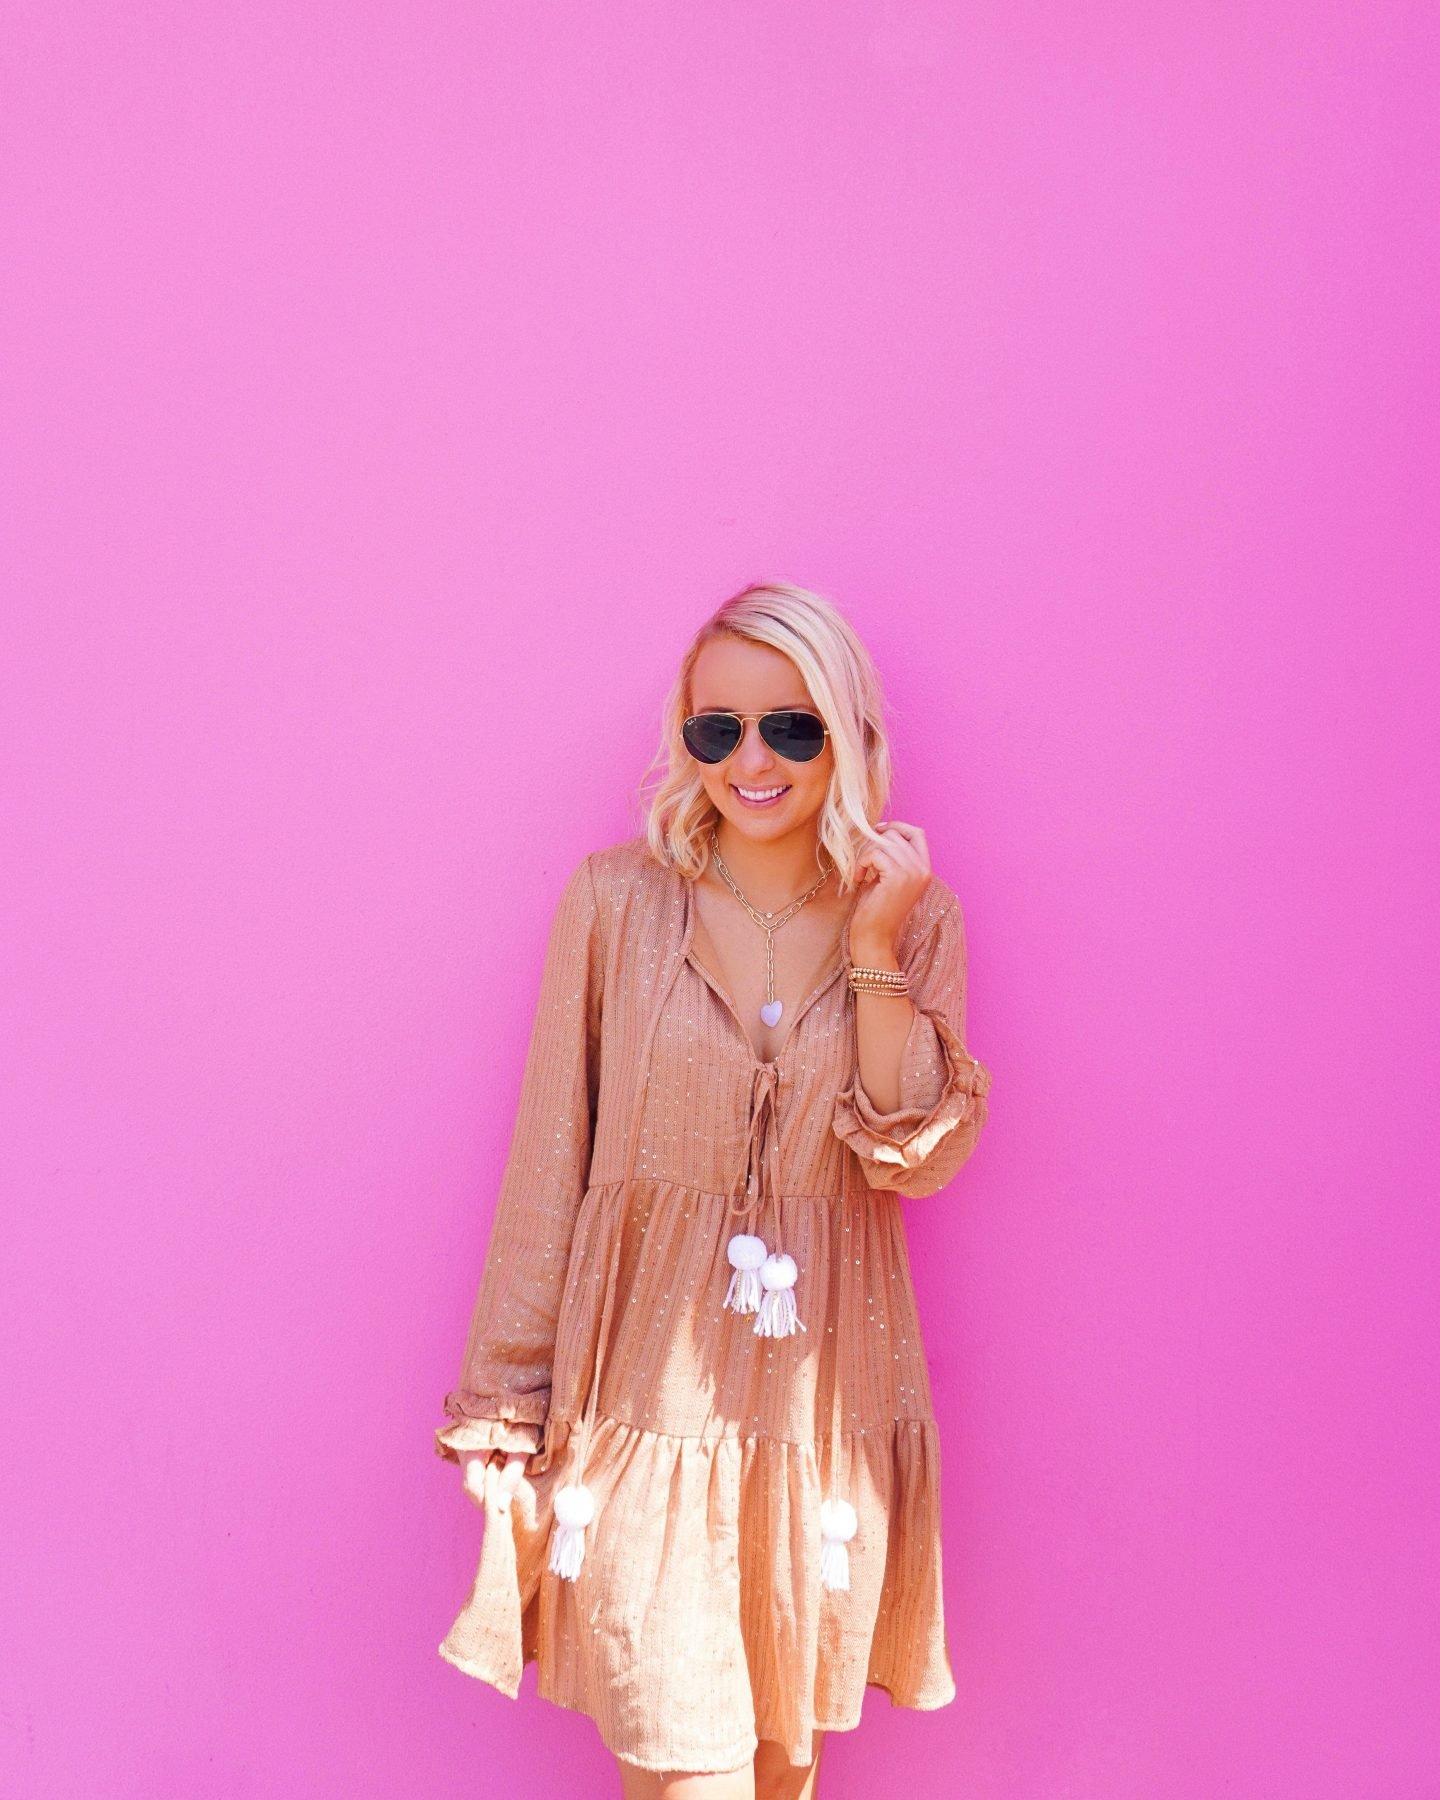 Shimmery pom pom dress with Sam Edelman classic nude heels